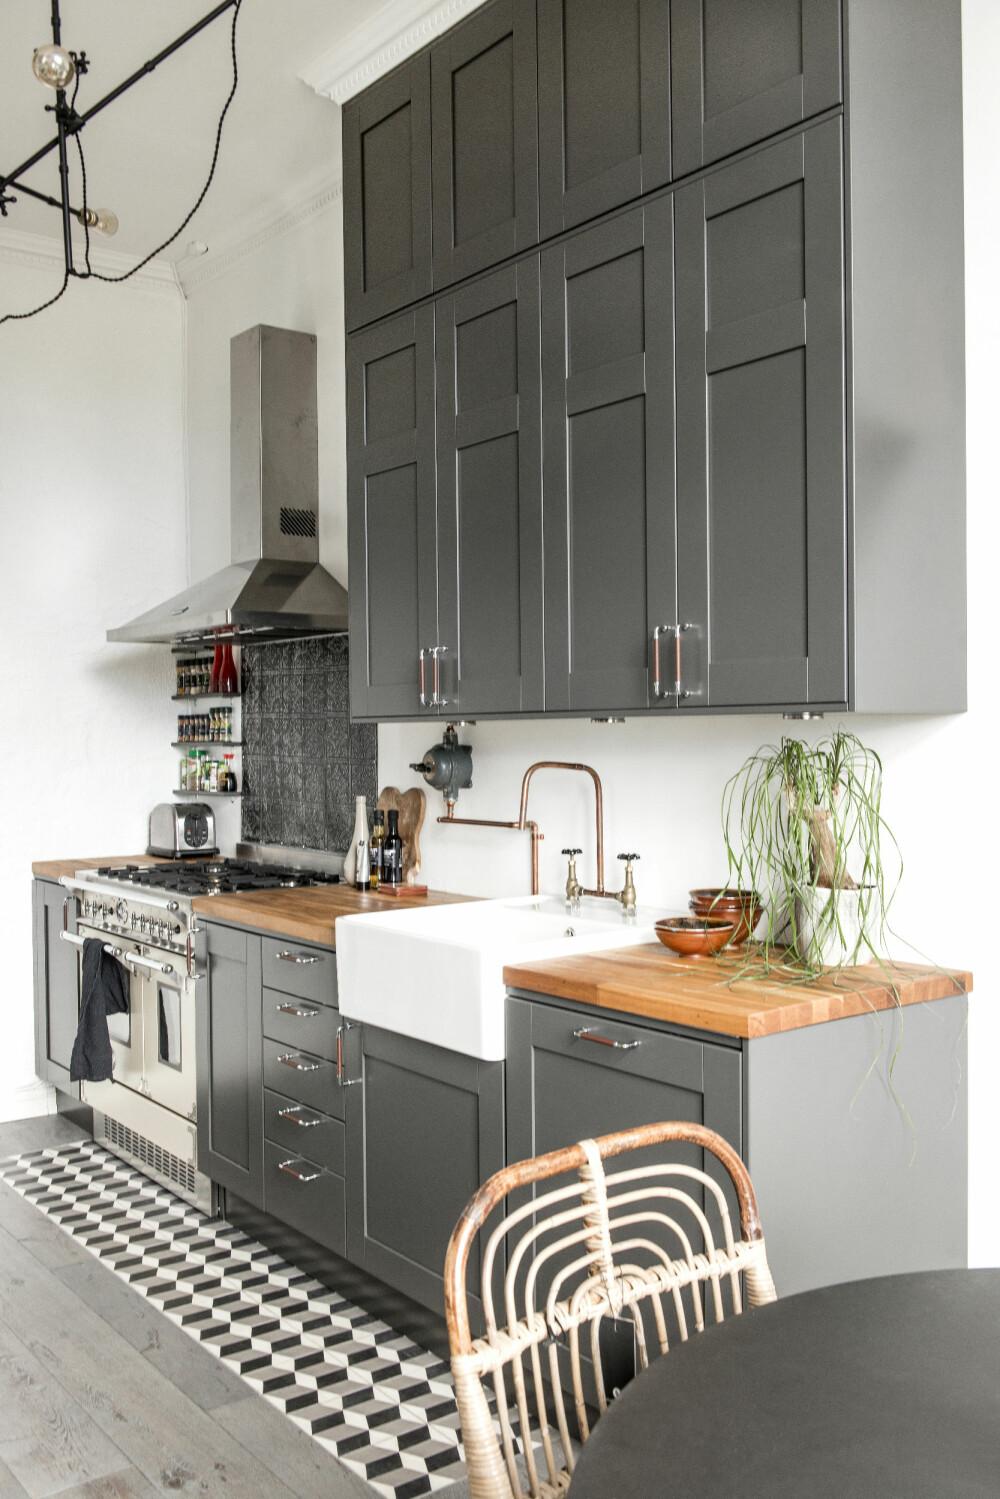 KJØKKENET: Kjøkkeninnredningen er fra Ballingslöv, benkeplaten fra Ikea, vasken fra Villeroy & Boch og viften fra Falcon.  Krydderhyllen er laget av avkappede plankebiter. Metallflisene under viften er fra Palma.